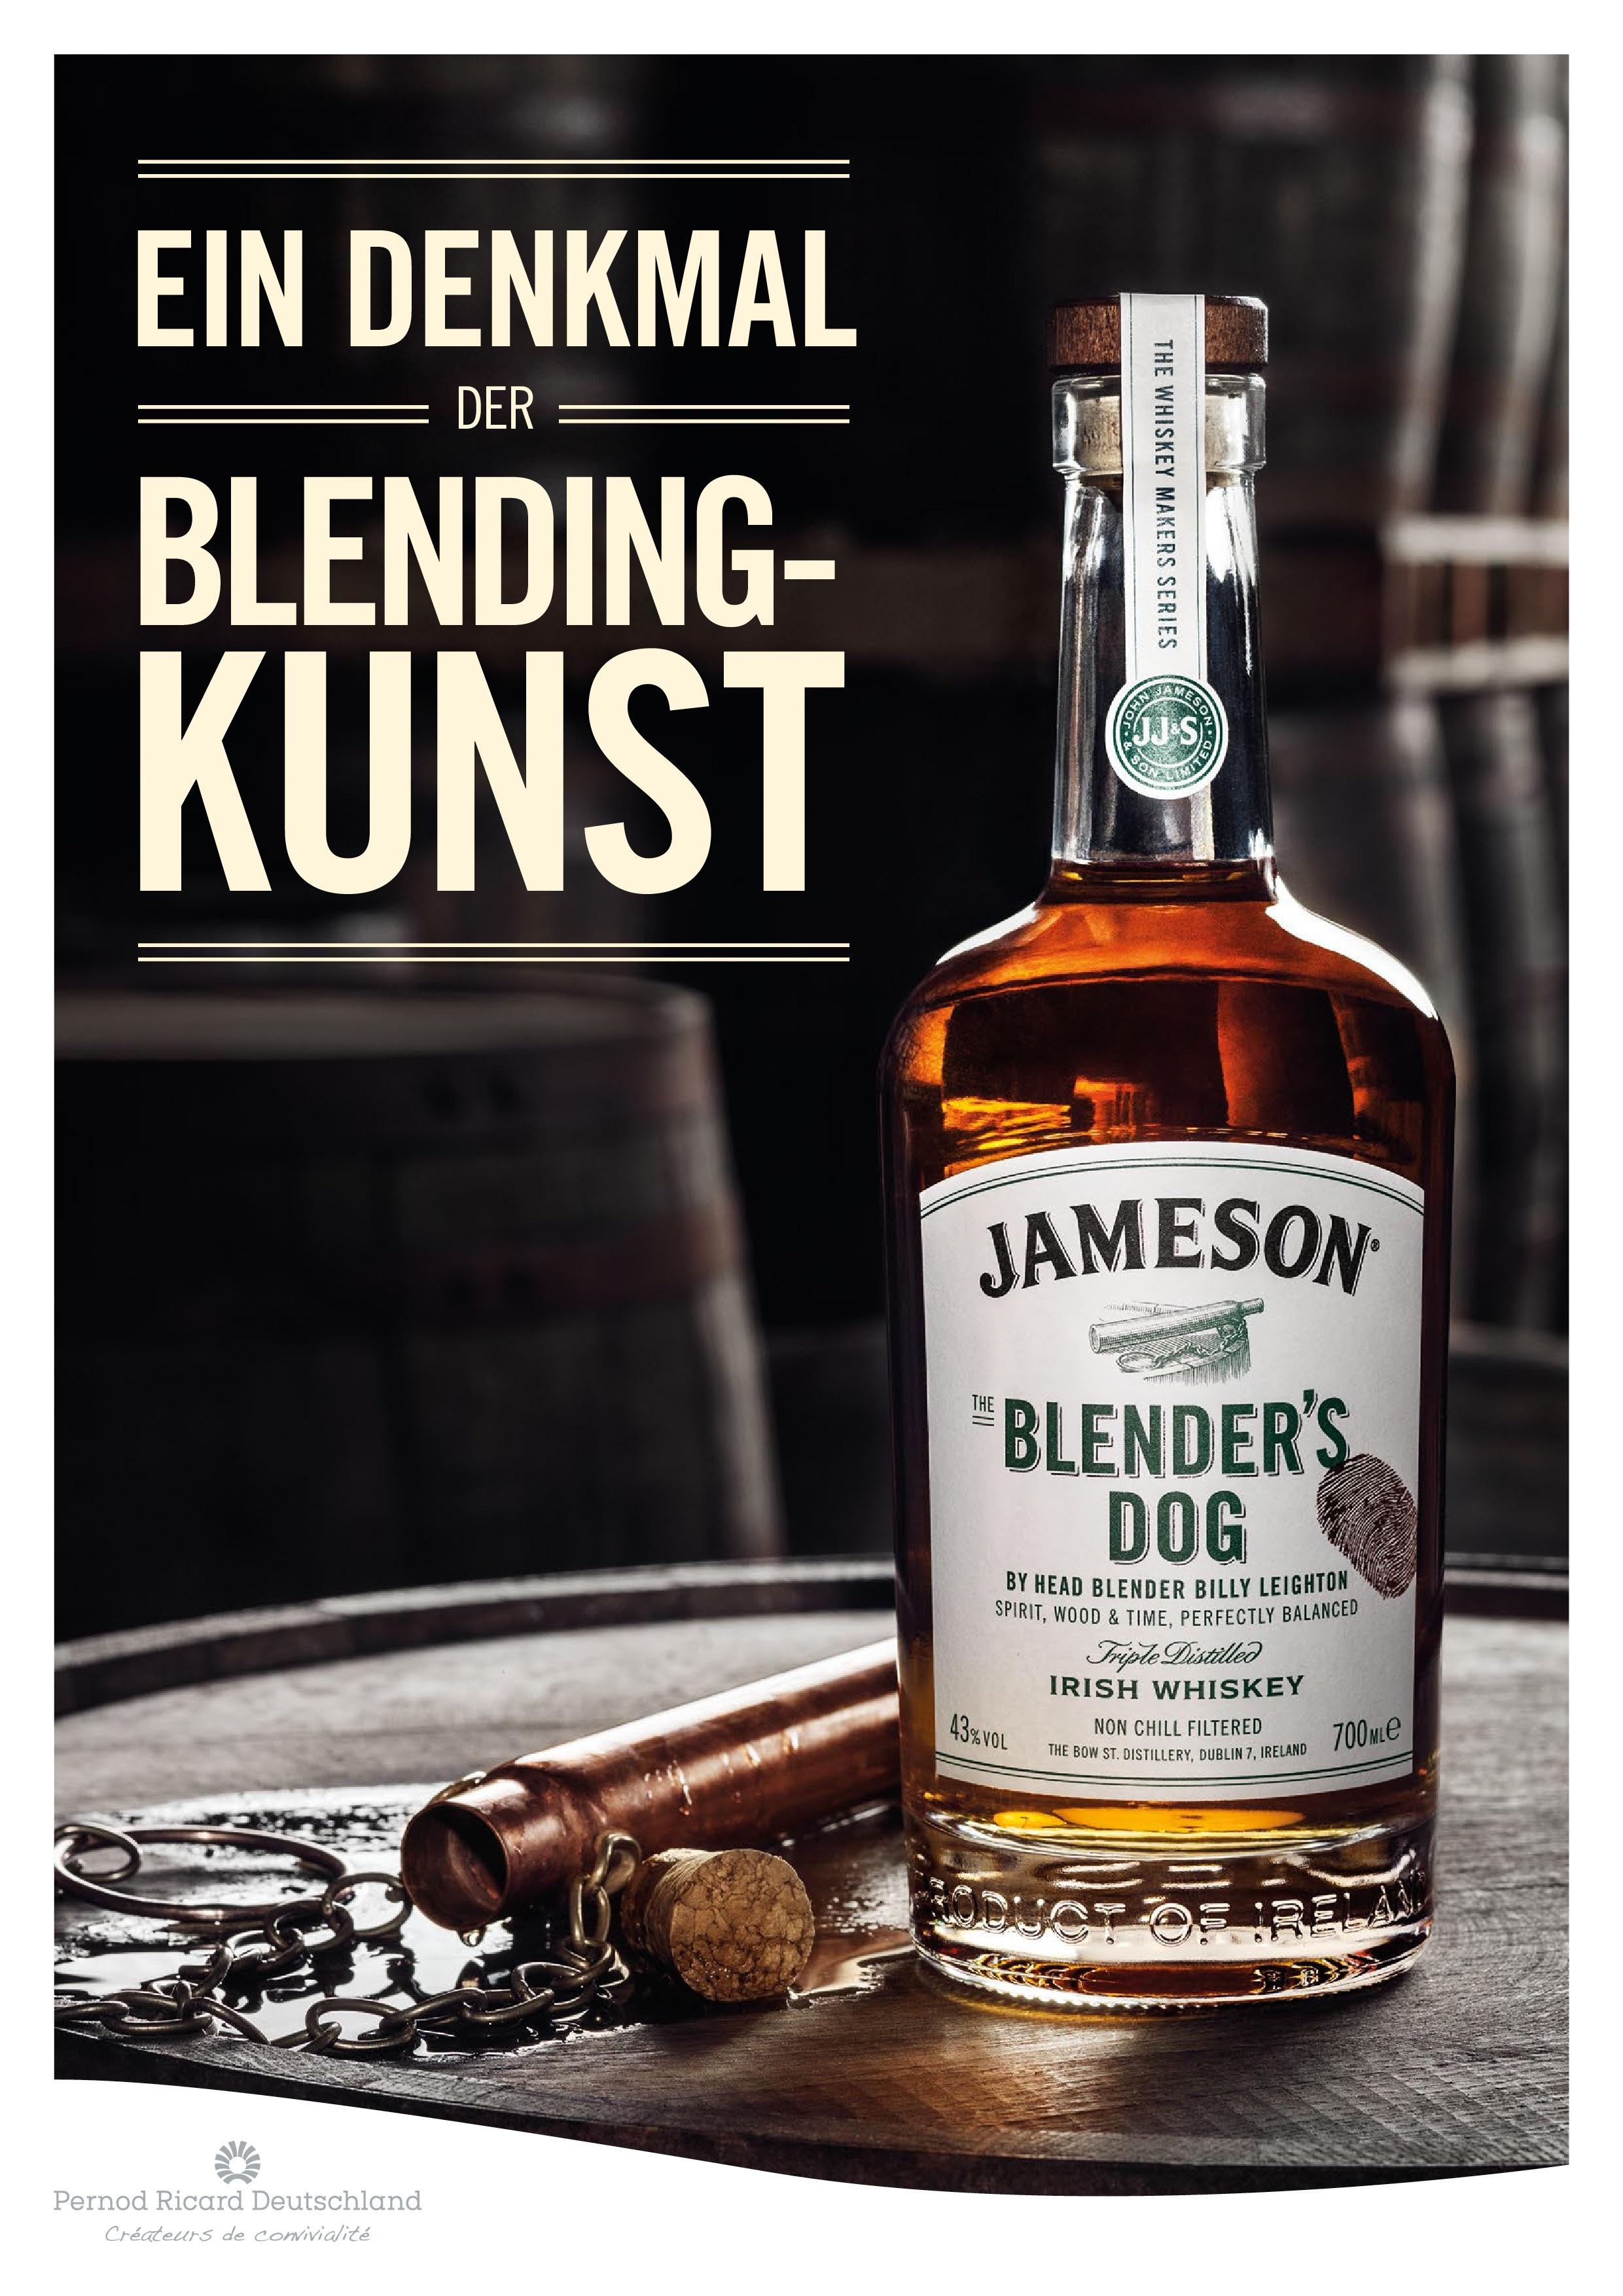 Jameson The Blenders Dog Whiskey